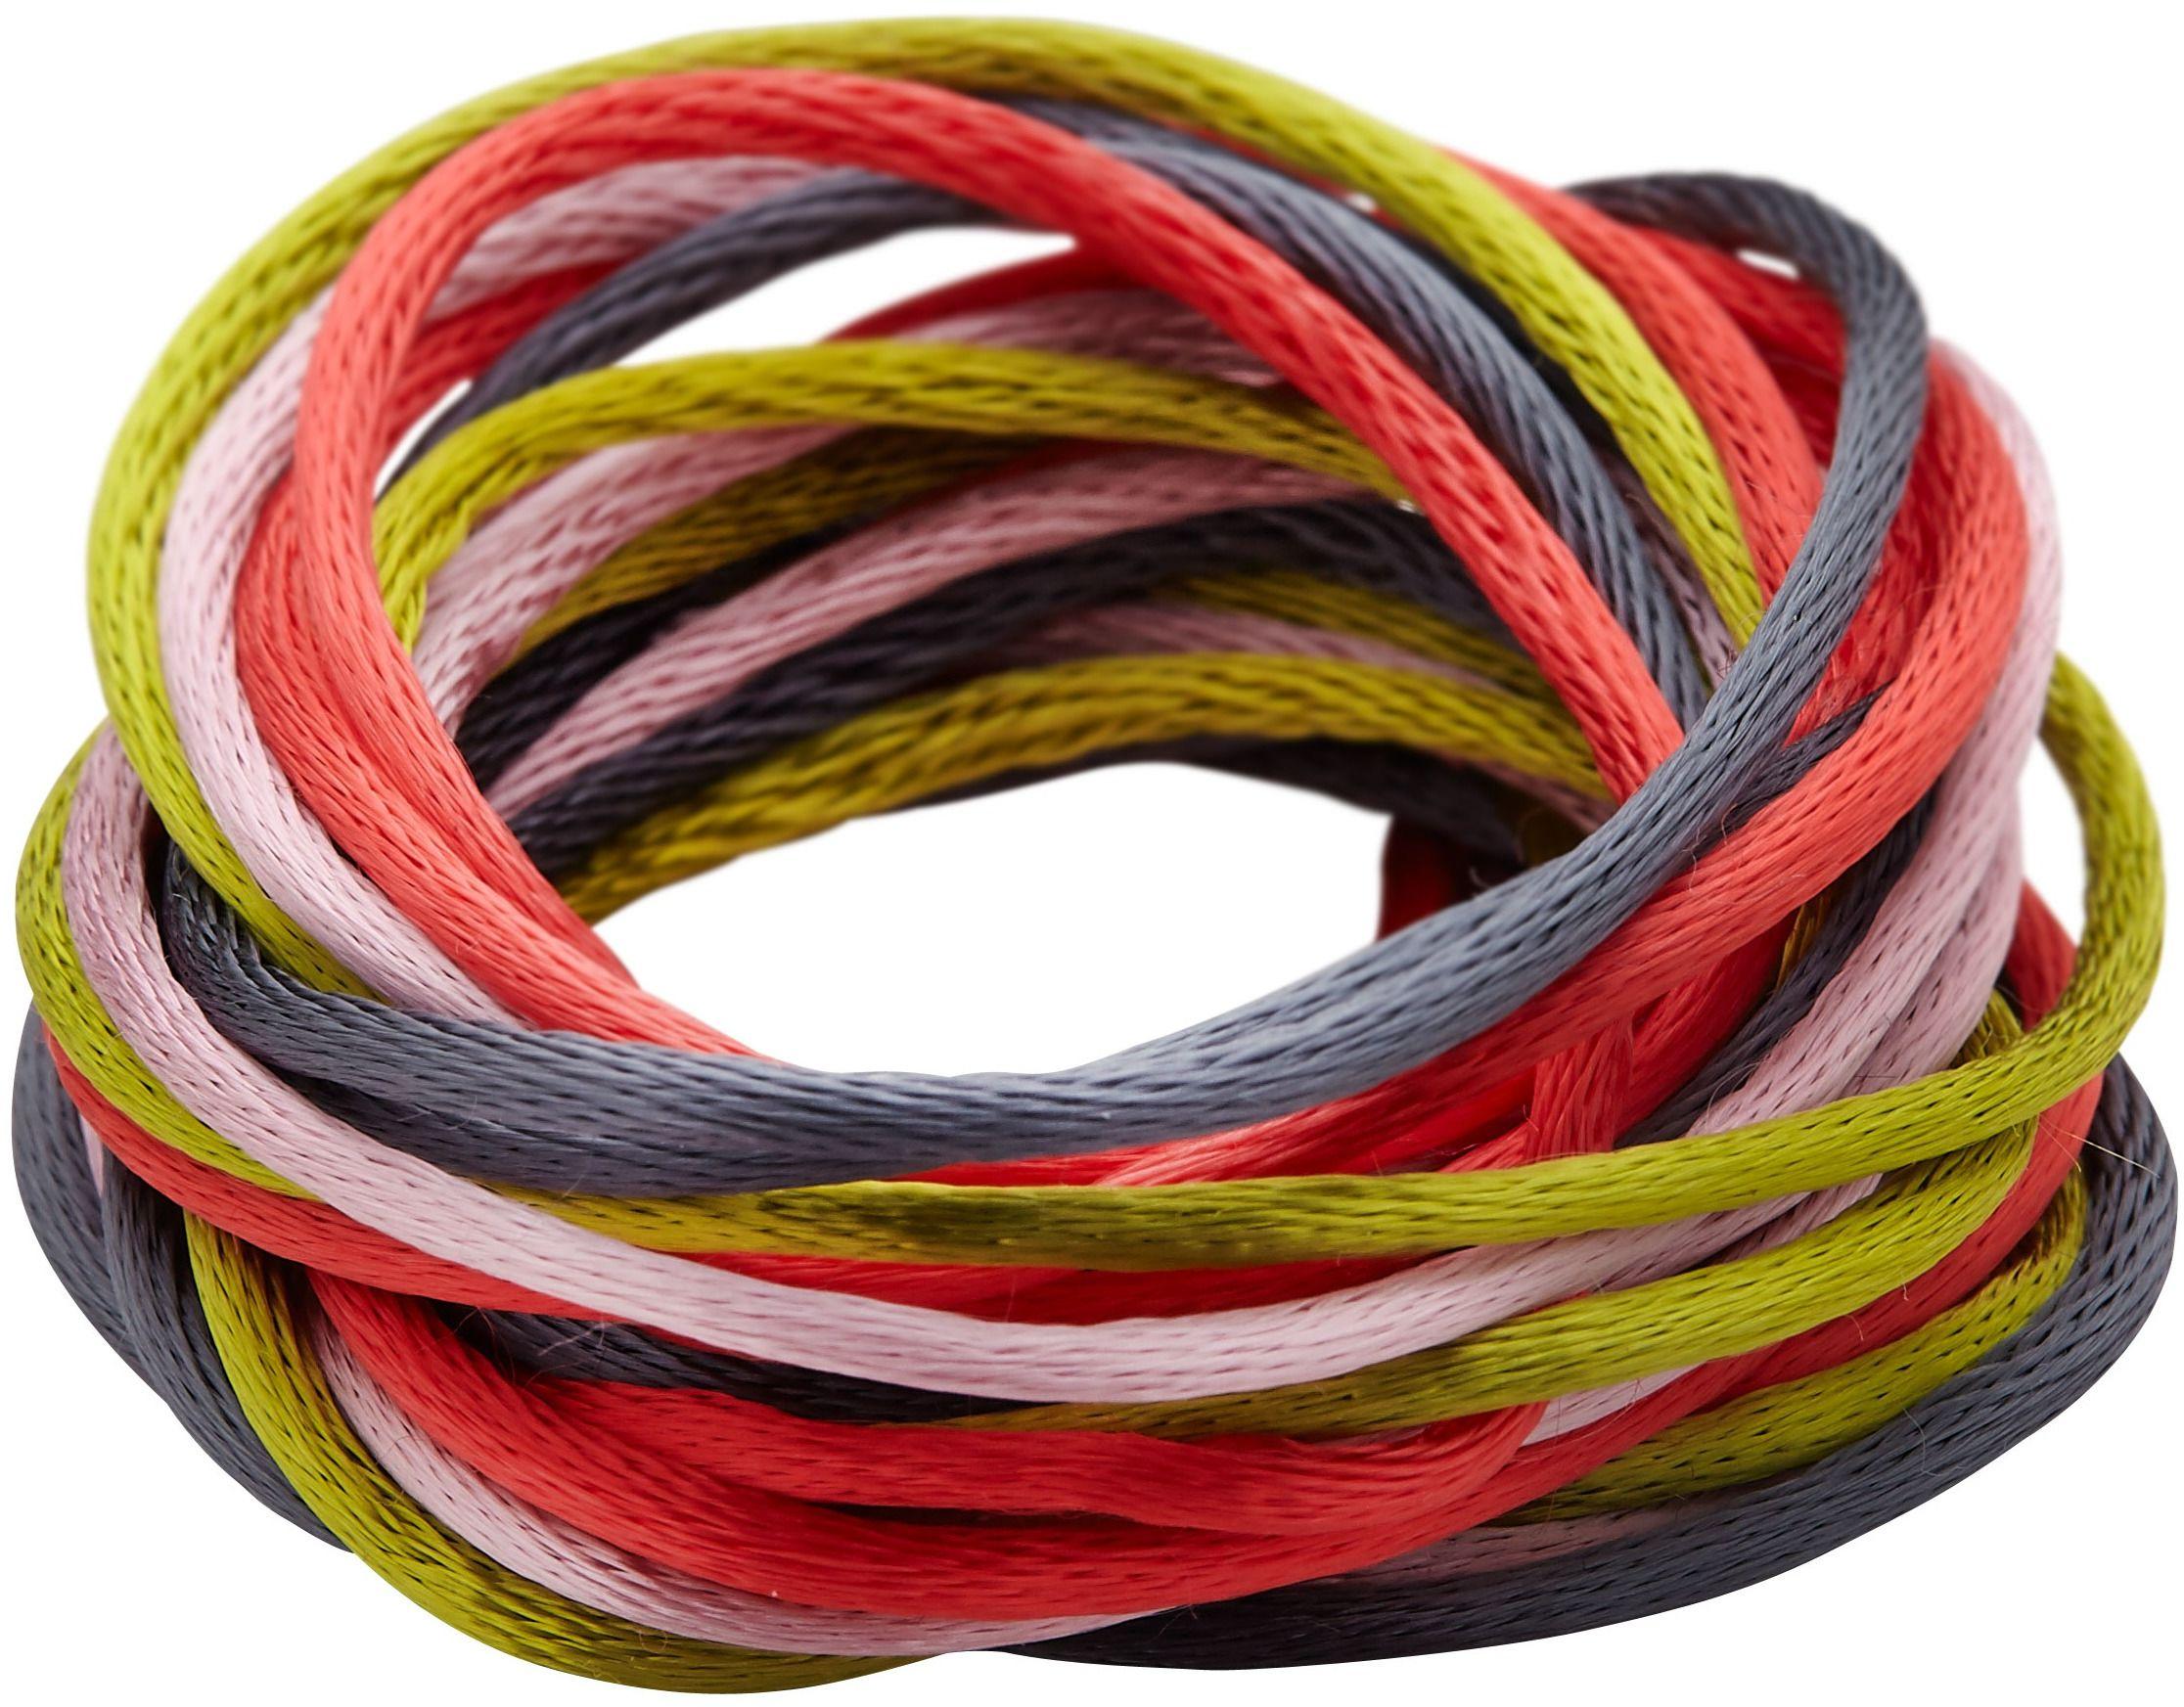 Bransoletka/sznurek tekstylny 2575-3